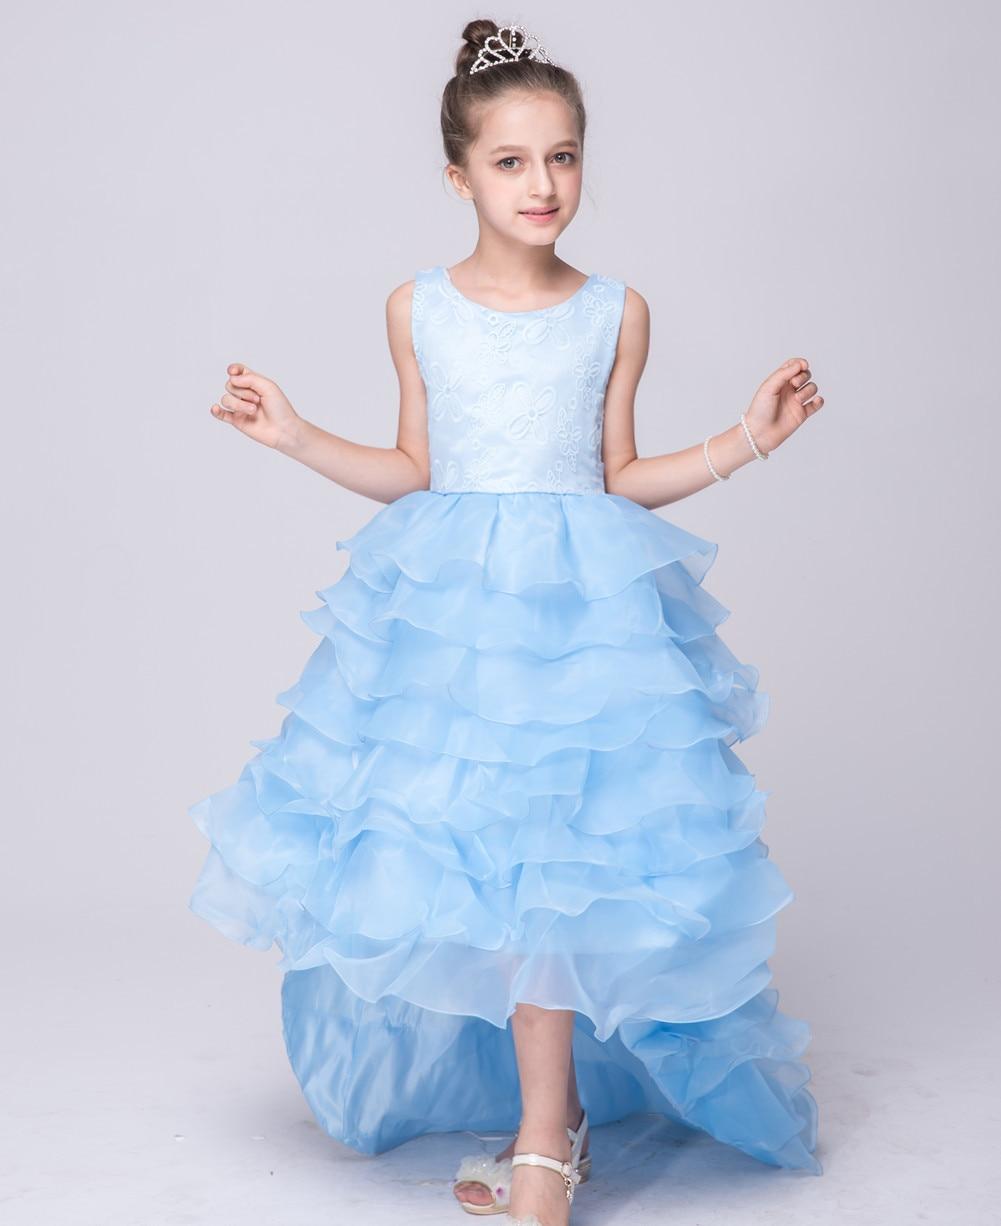 Fein Kinder Kleiden Für Hochzeit Ideen - Hochzeit Kleid Stile Ideen ...